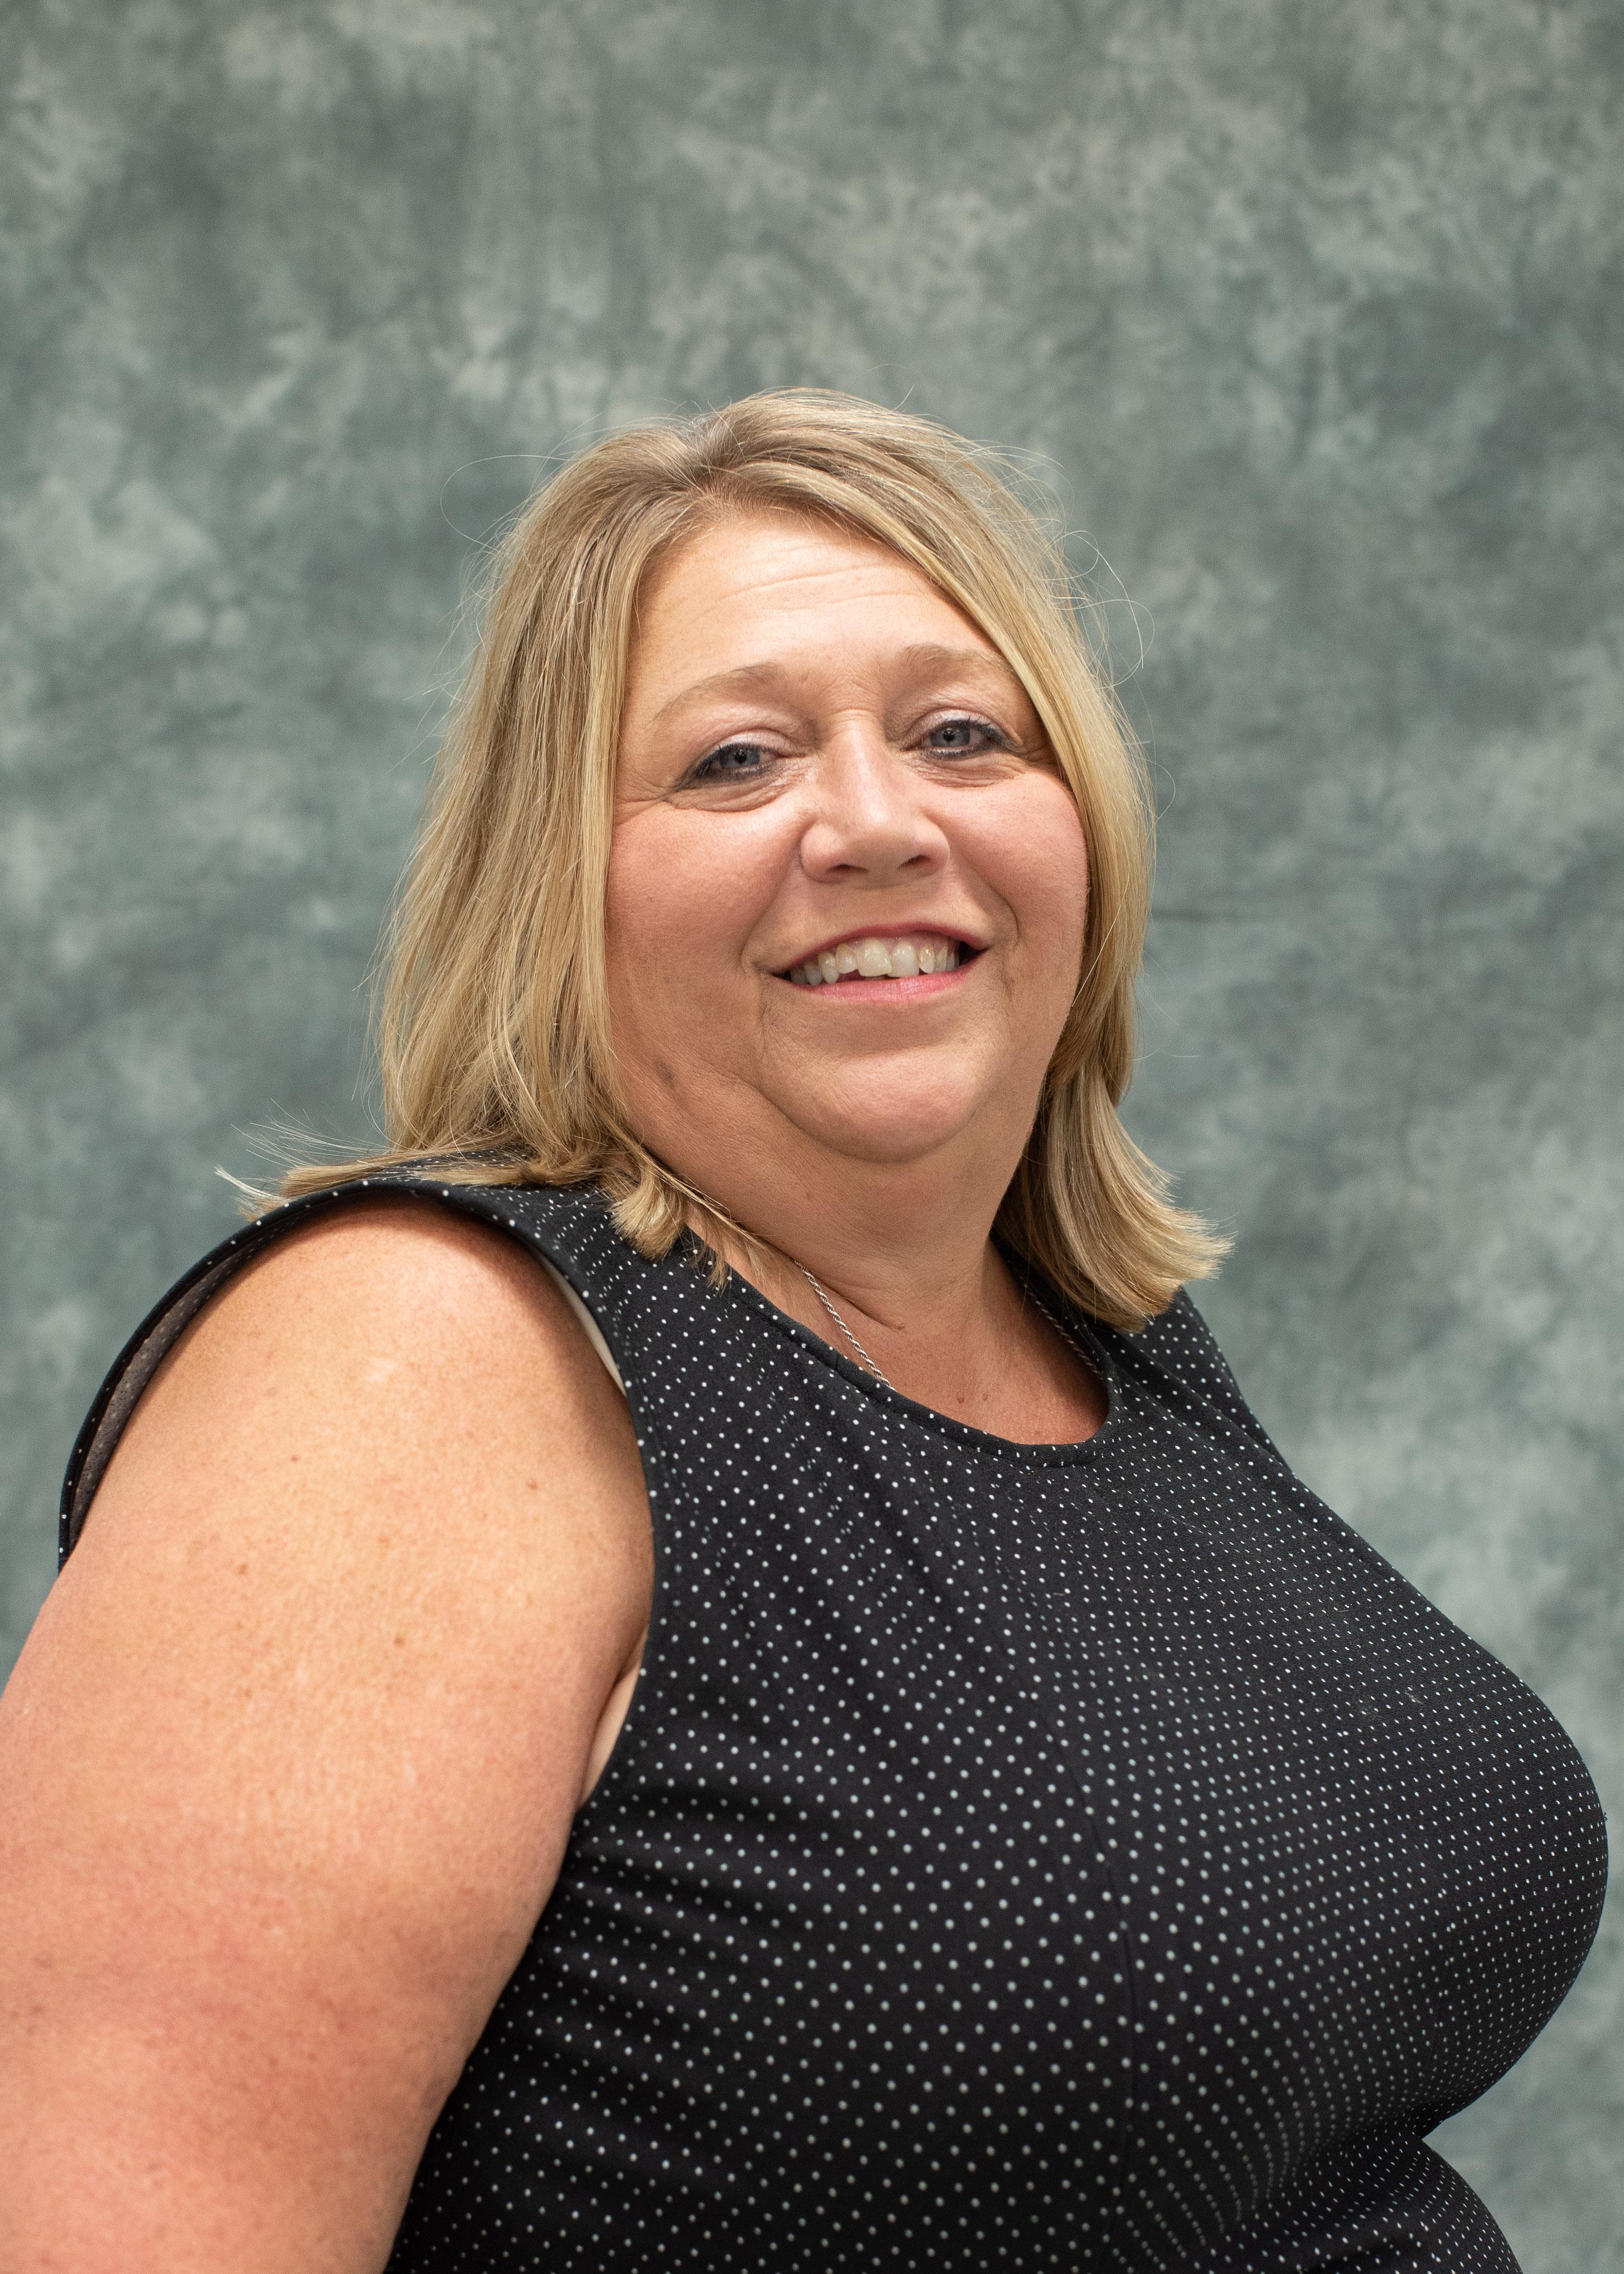 A photo of Sheila Runk, Board Member.